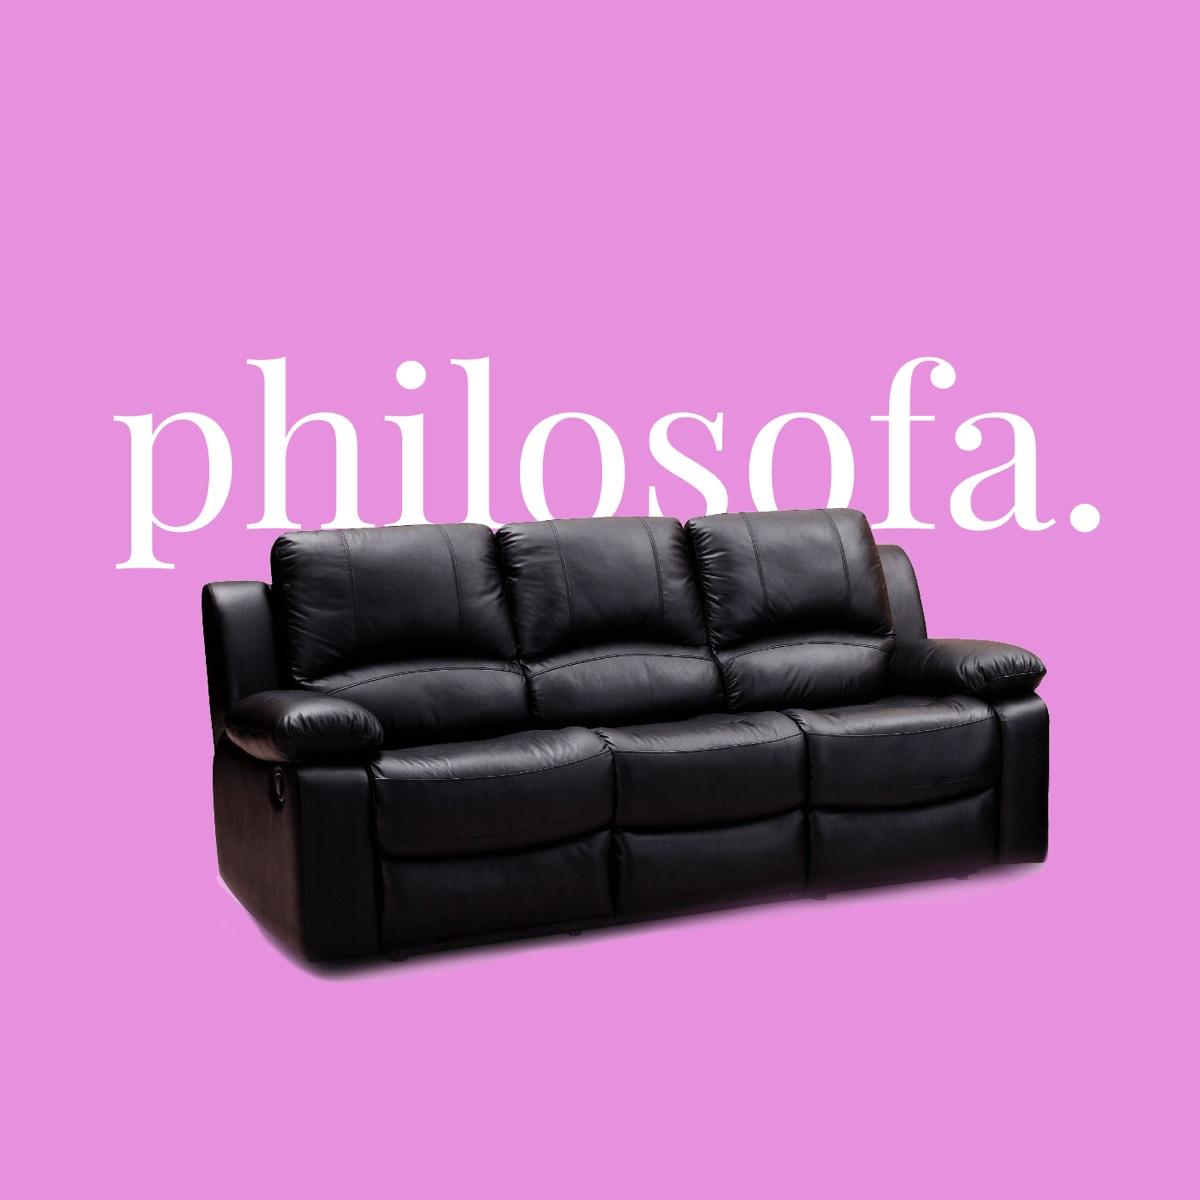 philosofa